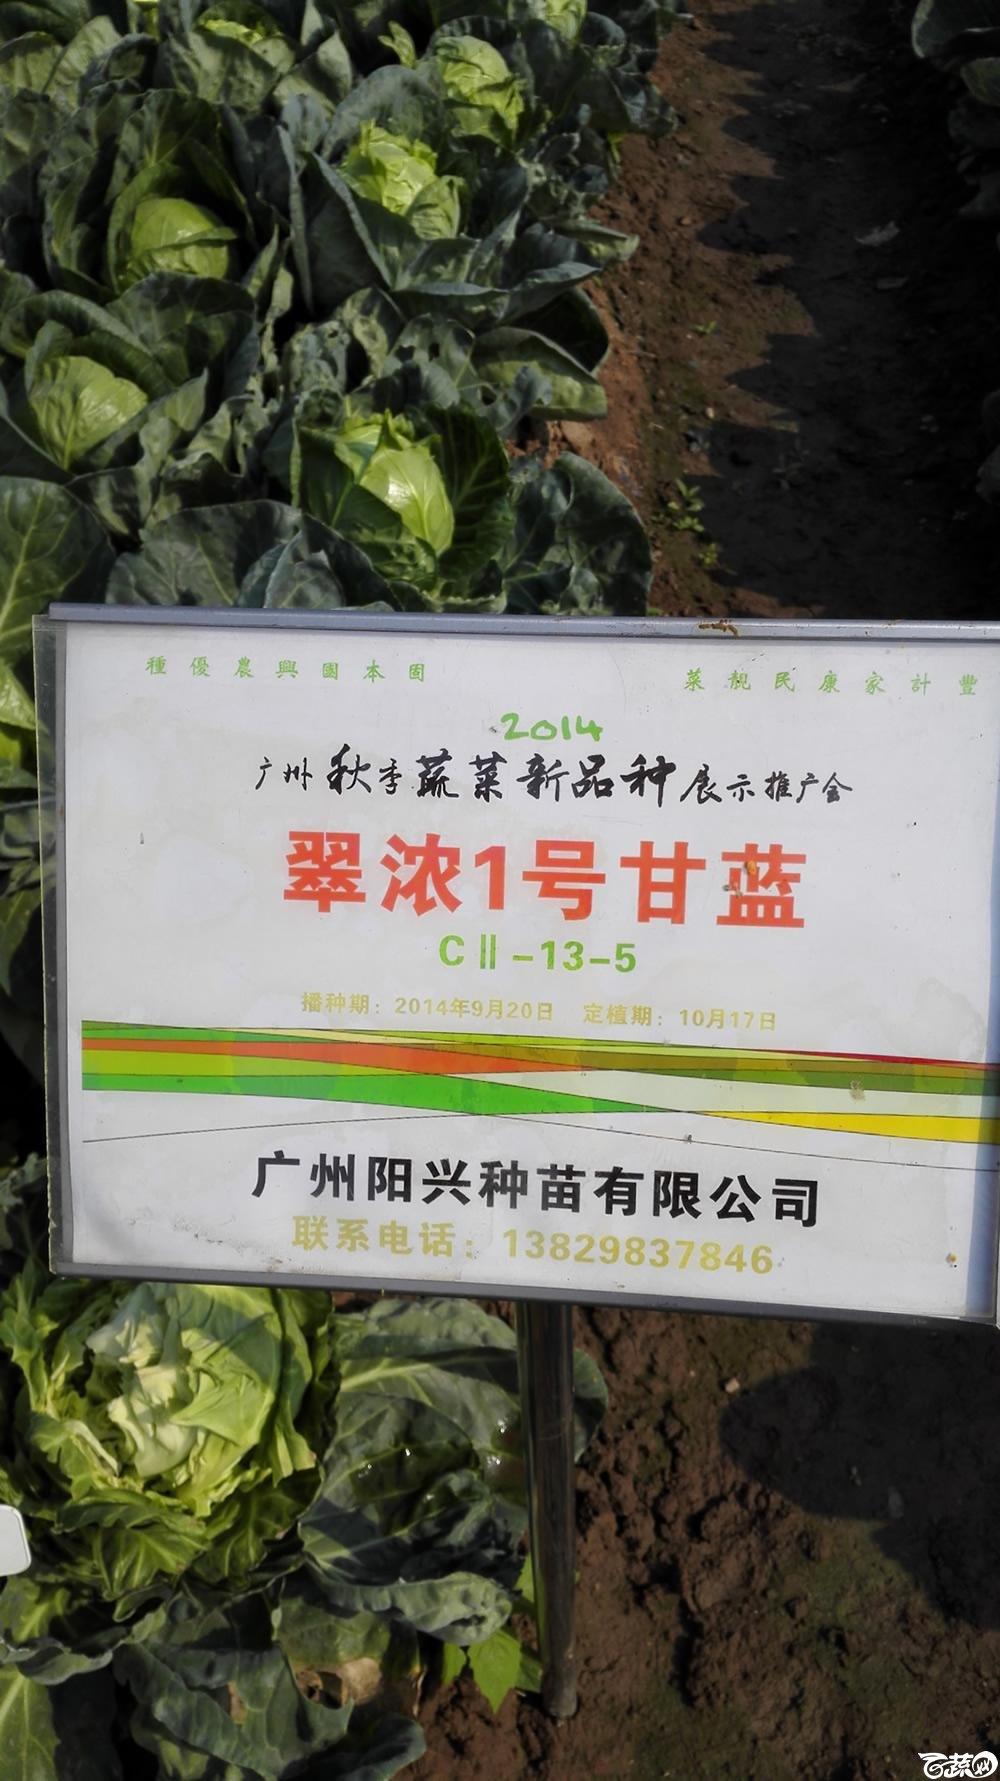 2014年12月10号广州市农科院南沙秋季蔬菜新品种展示会 甘蓝_148.jpg